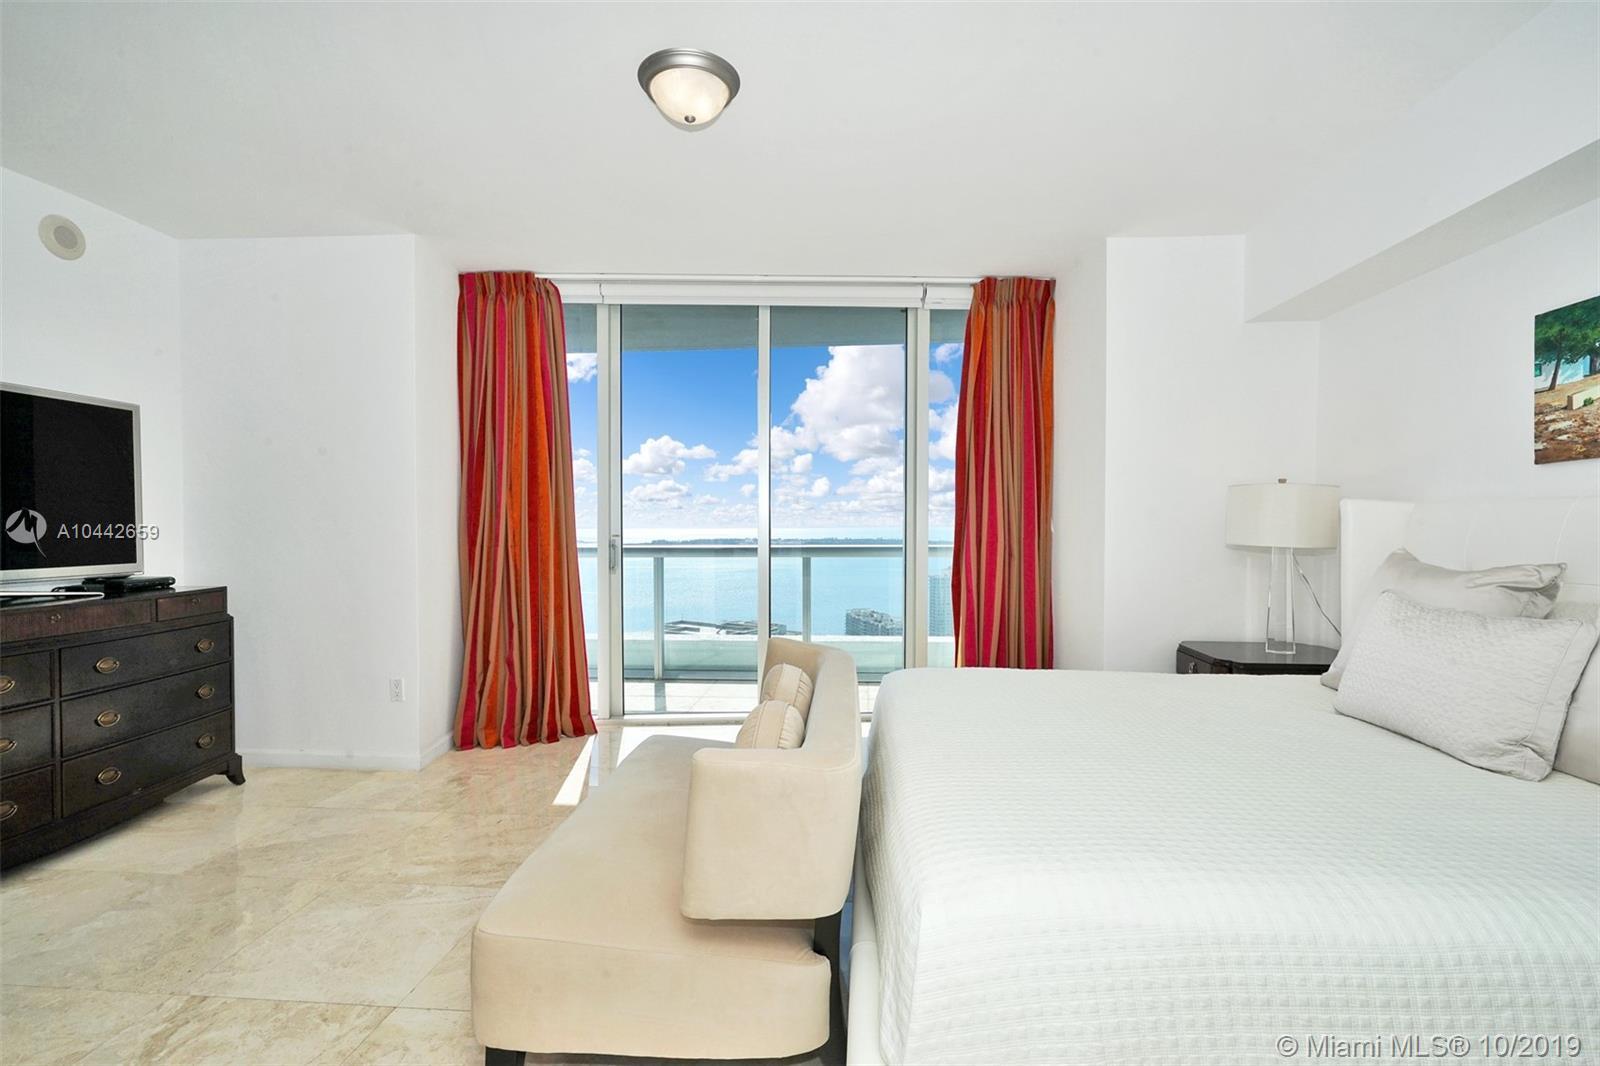 465 Brickell Ave, Miami, FL 33131, Icon Brickell I #4201, Brickell, Miami A10442659 image #20